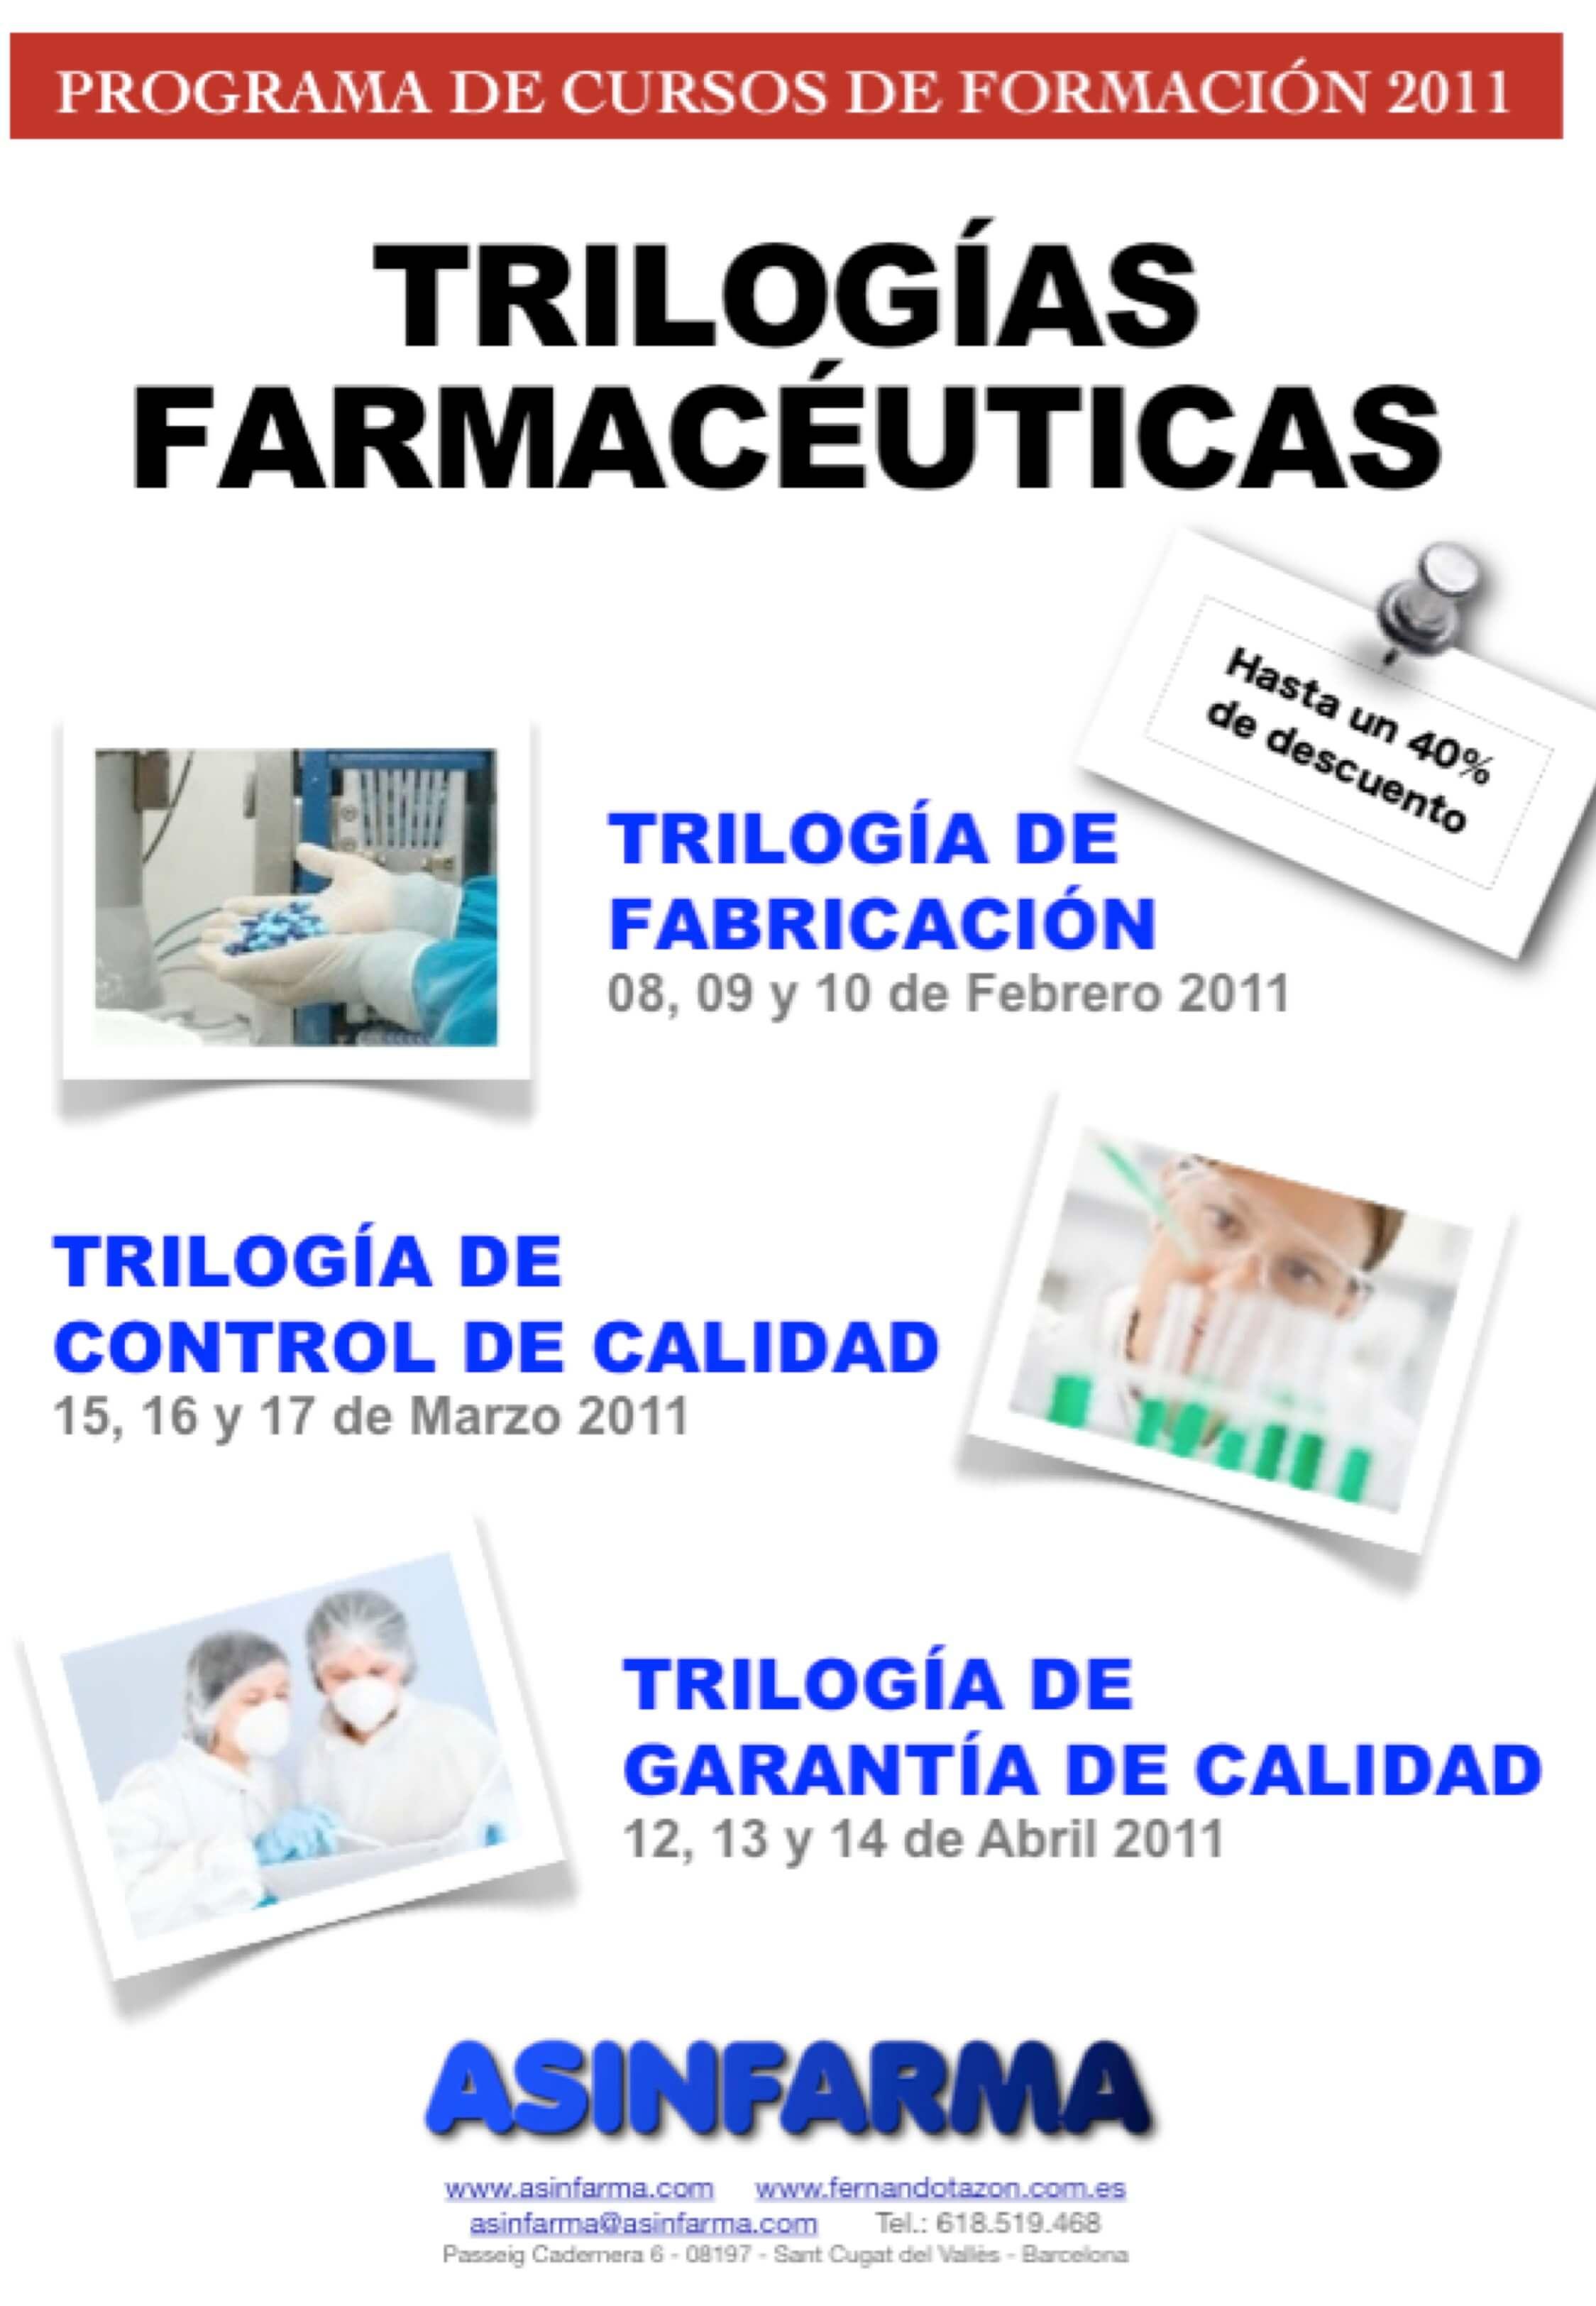 Trilogías Farmacéuticas